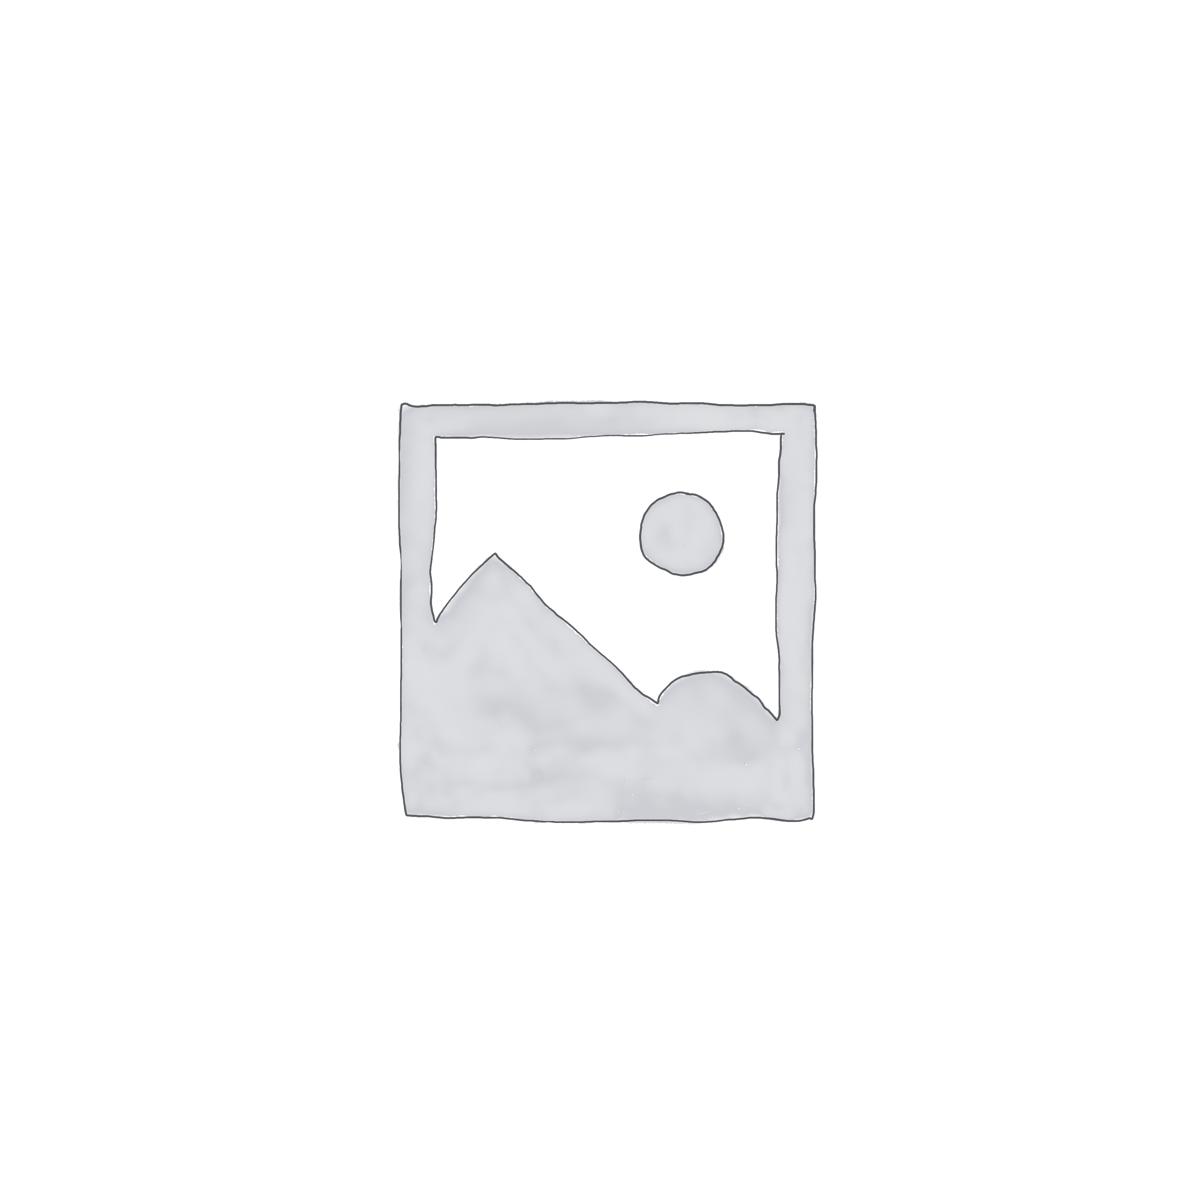 Komoda 51501